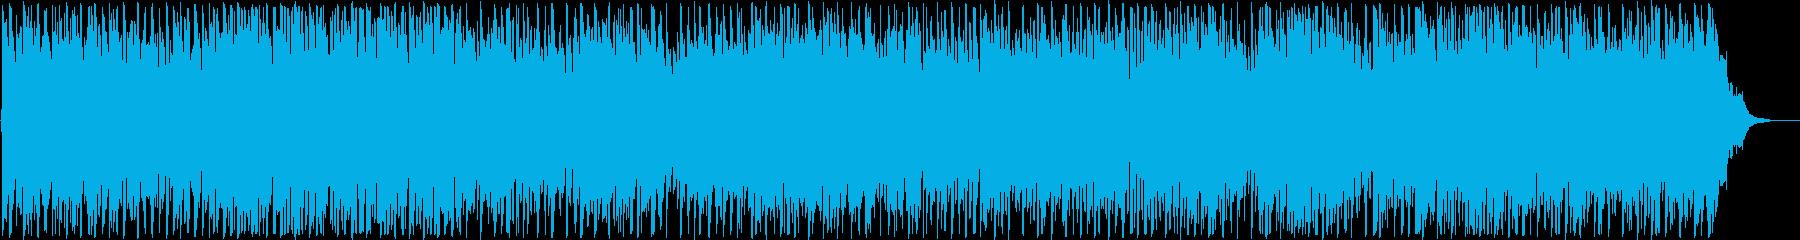 背景をポップします。コードの変調。の再生済みの波形